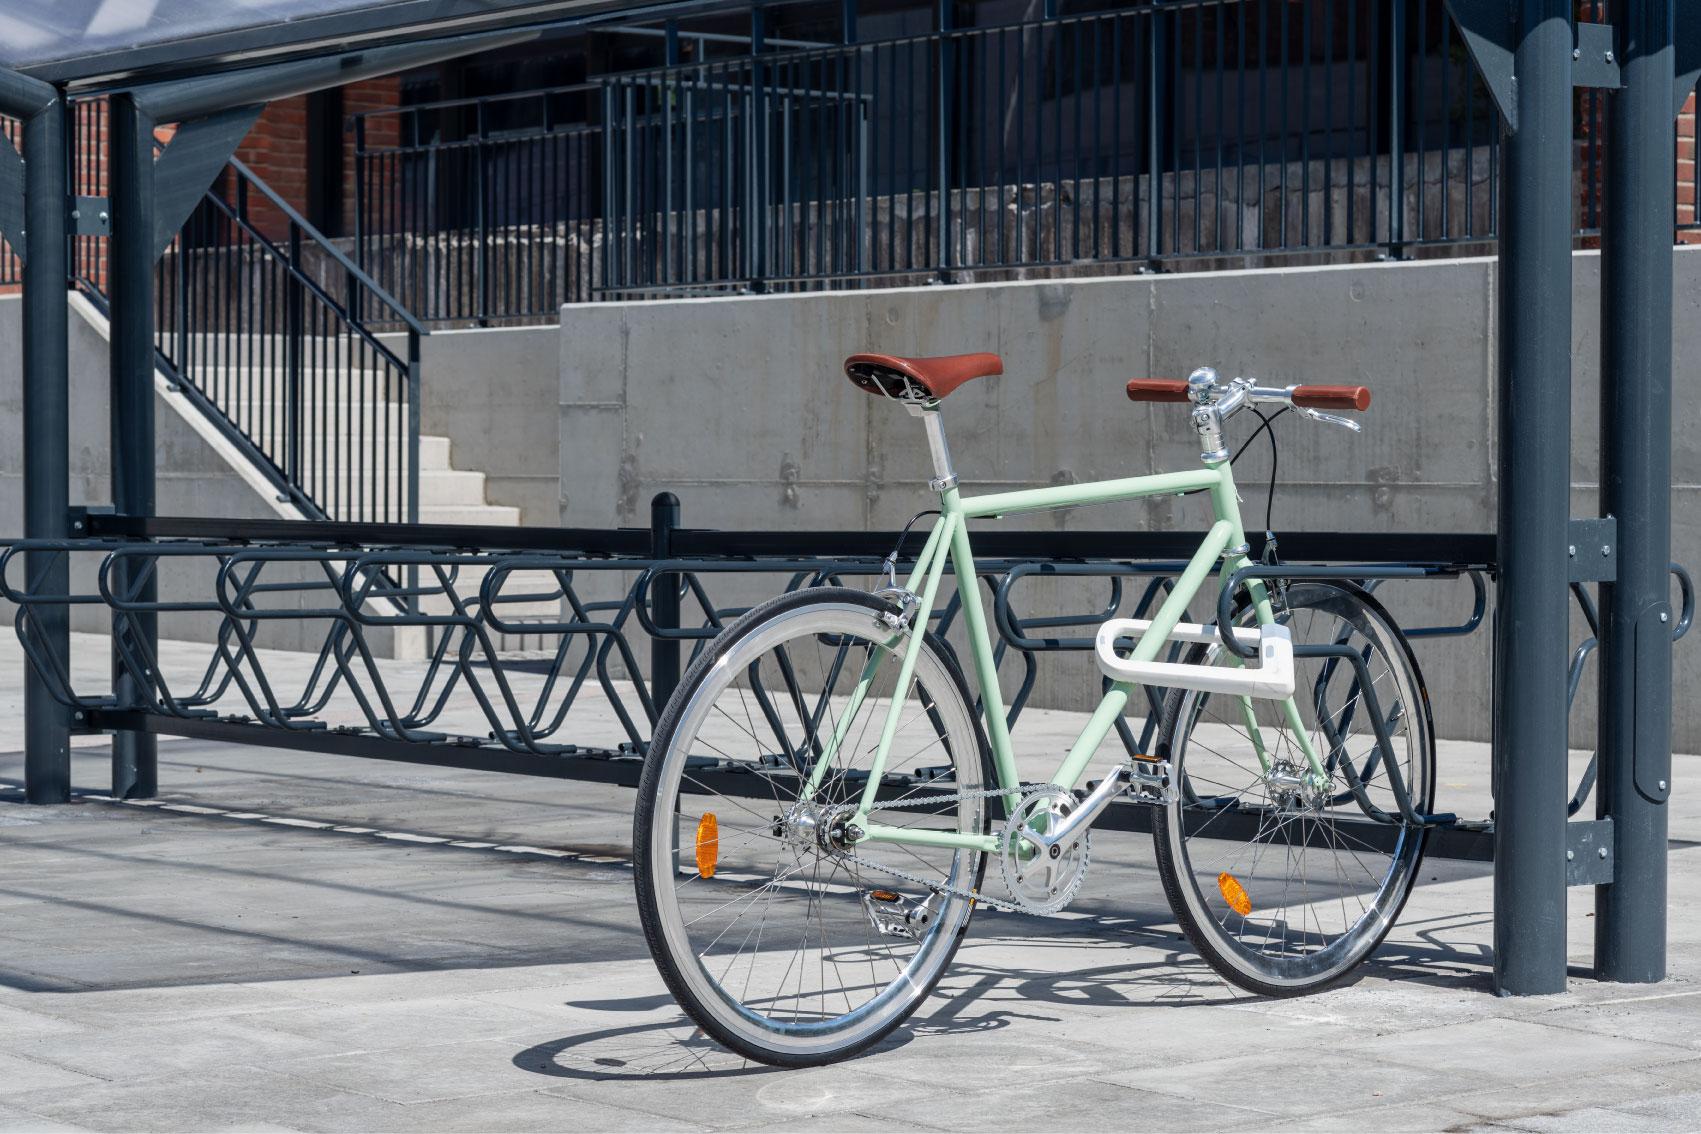 Delta runkolukitusteline yhdistettynä katoksen kanssa, YPSILON pyöräkatos Cyklokselta, vihreä polkupyörä runkolukolla kiinni delta telineessä